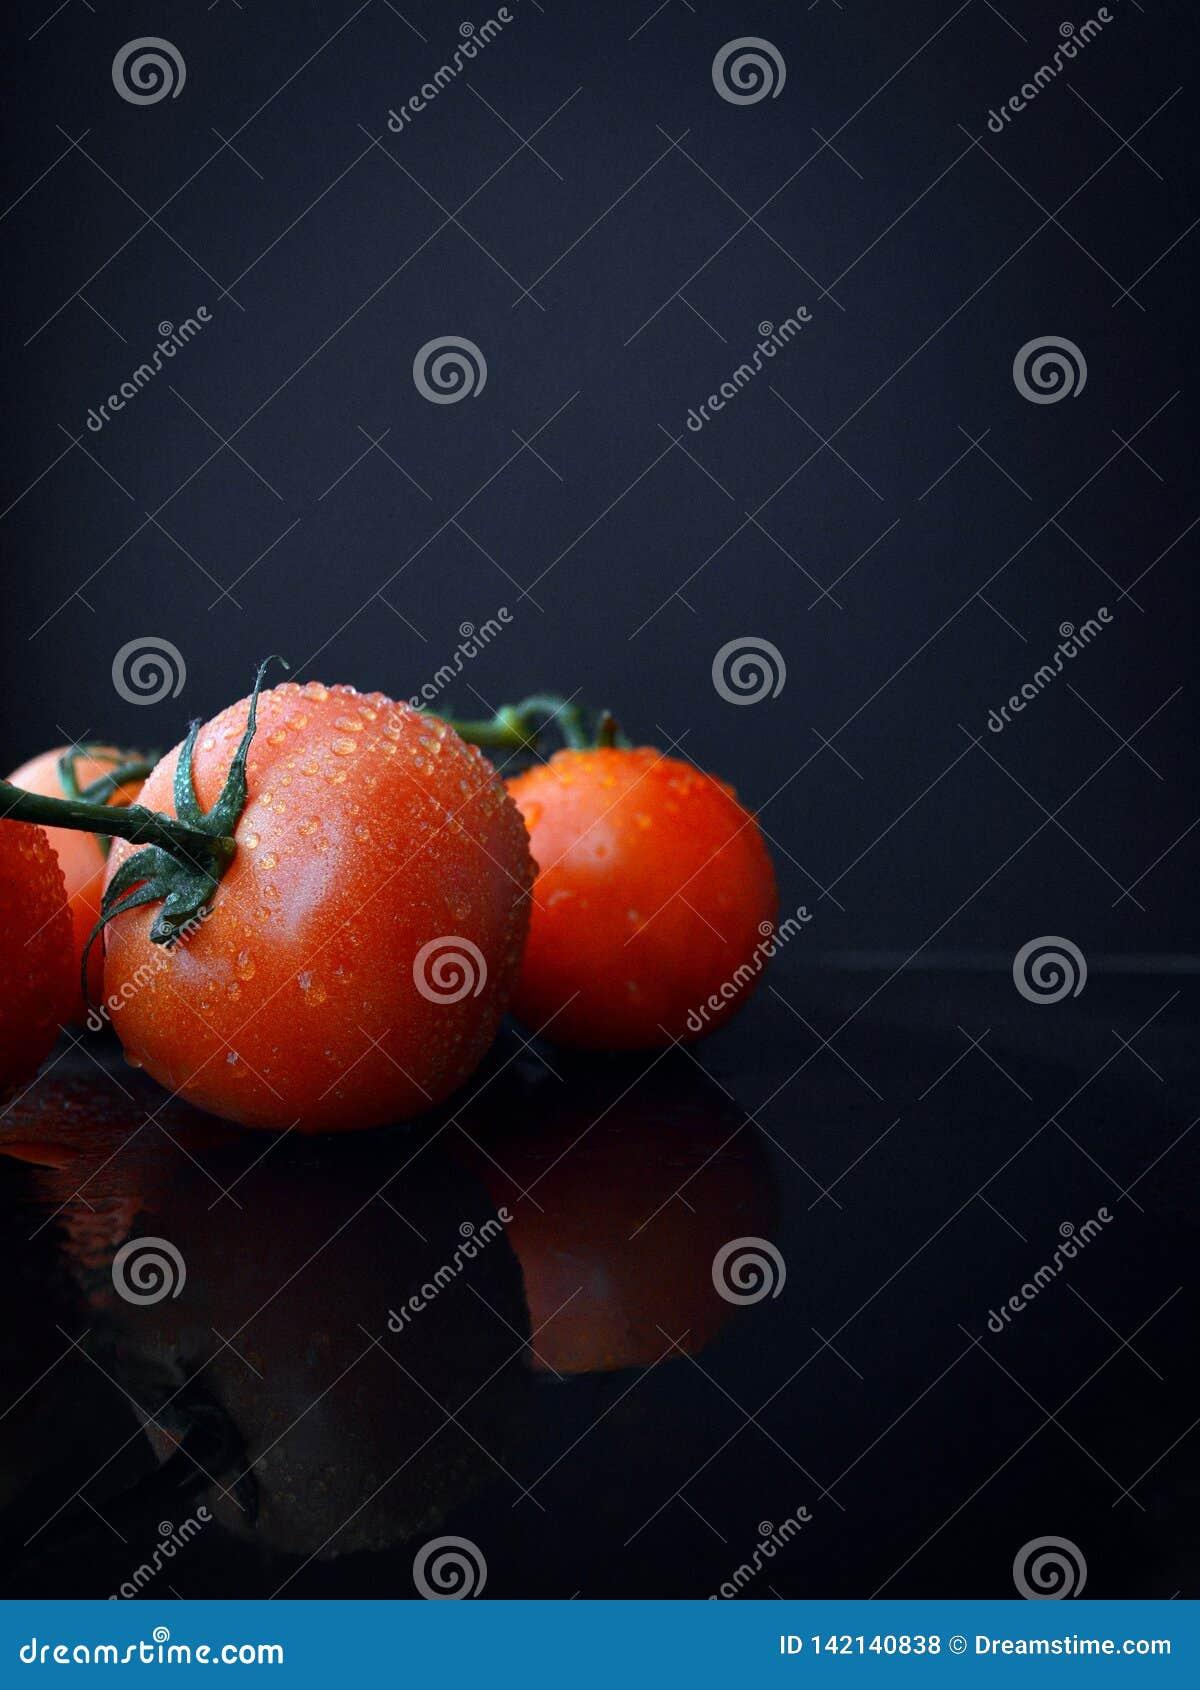 Tomaten-Fuzzy Still Life Fruit Reflects-Wasser-Tropfen des hochauflösender Hintergrund-roten Zusammenbringens